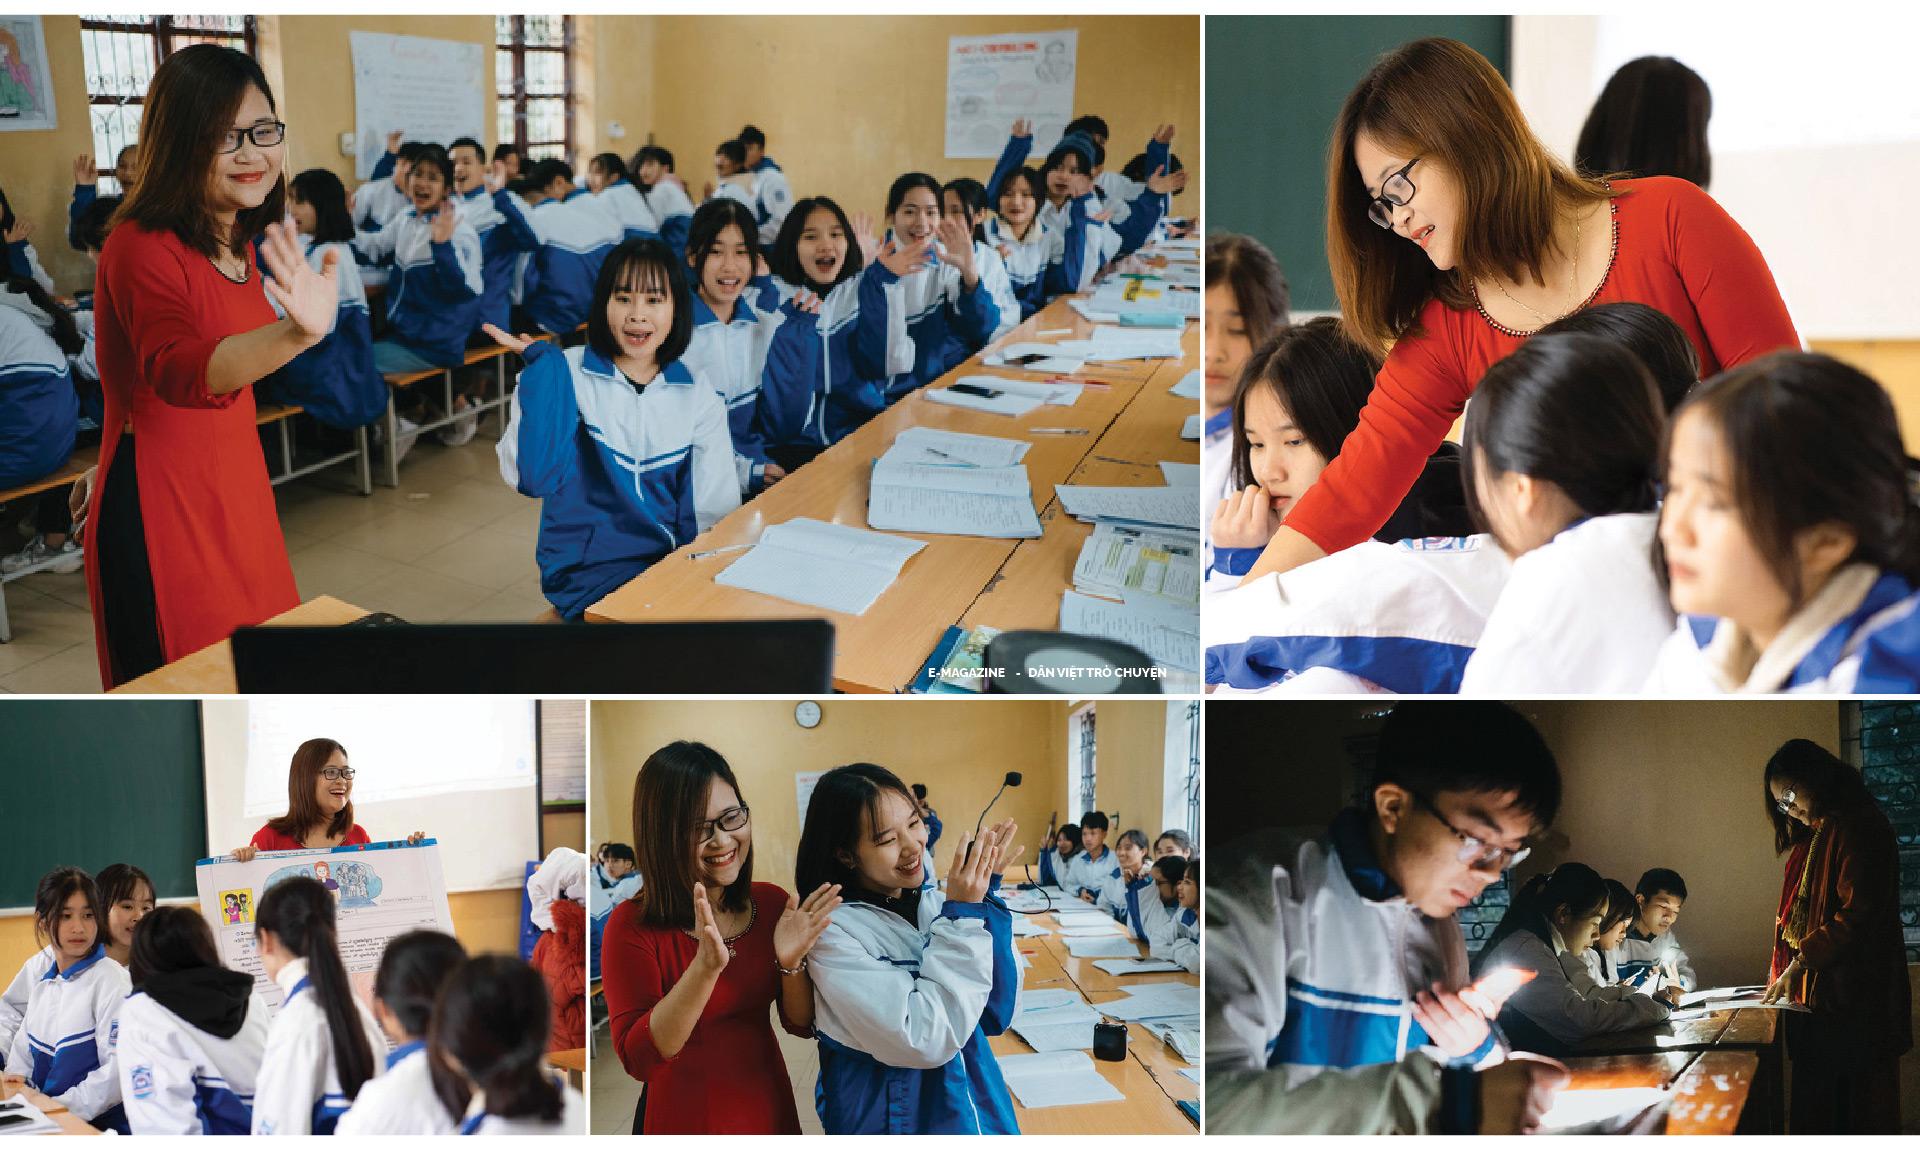 Cô giáo toàn cầu Hà Ánh Phượng: Tôi đang đi đúng đường và thật sự không cô đơn… - Ảnh 12.